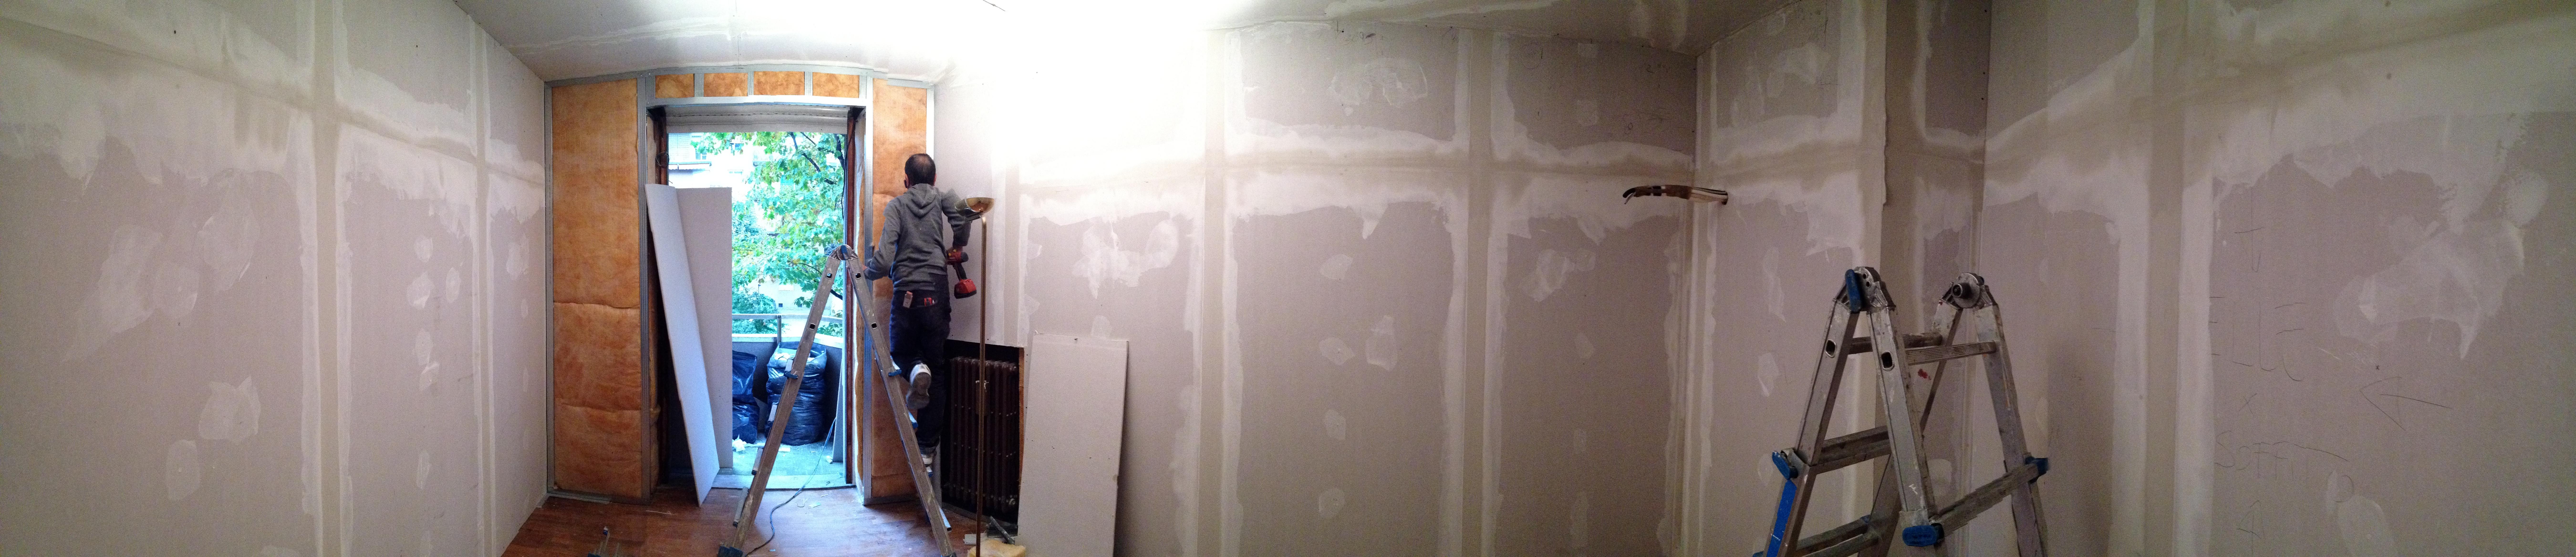 insonorizzazione camera da letto - cogedil | cogedil - Insonorizzare Camera Da Letto